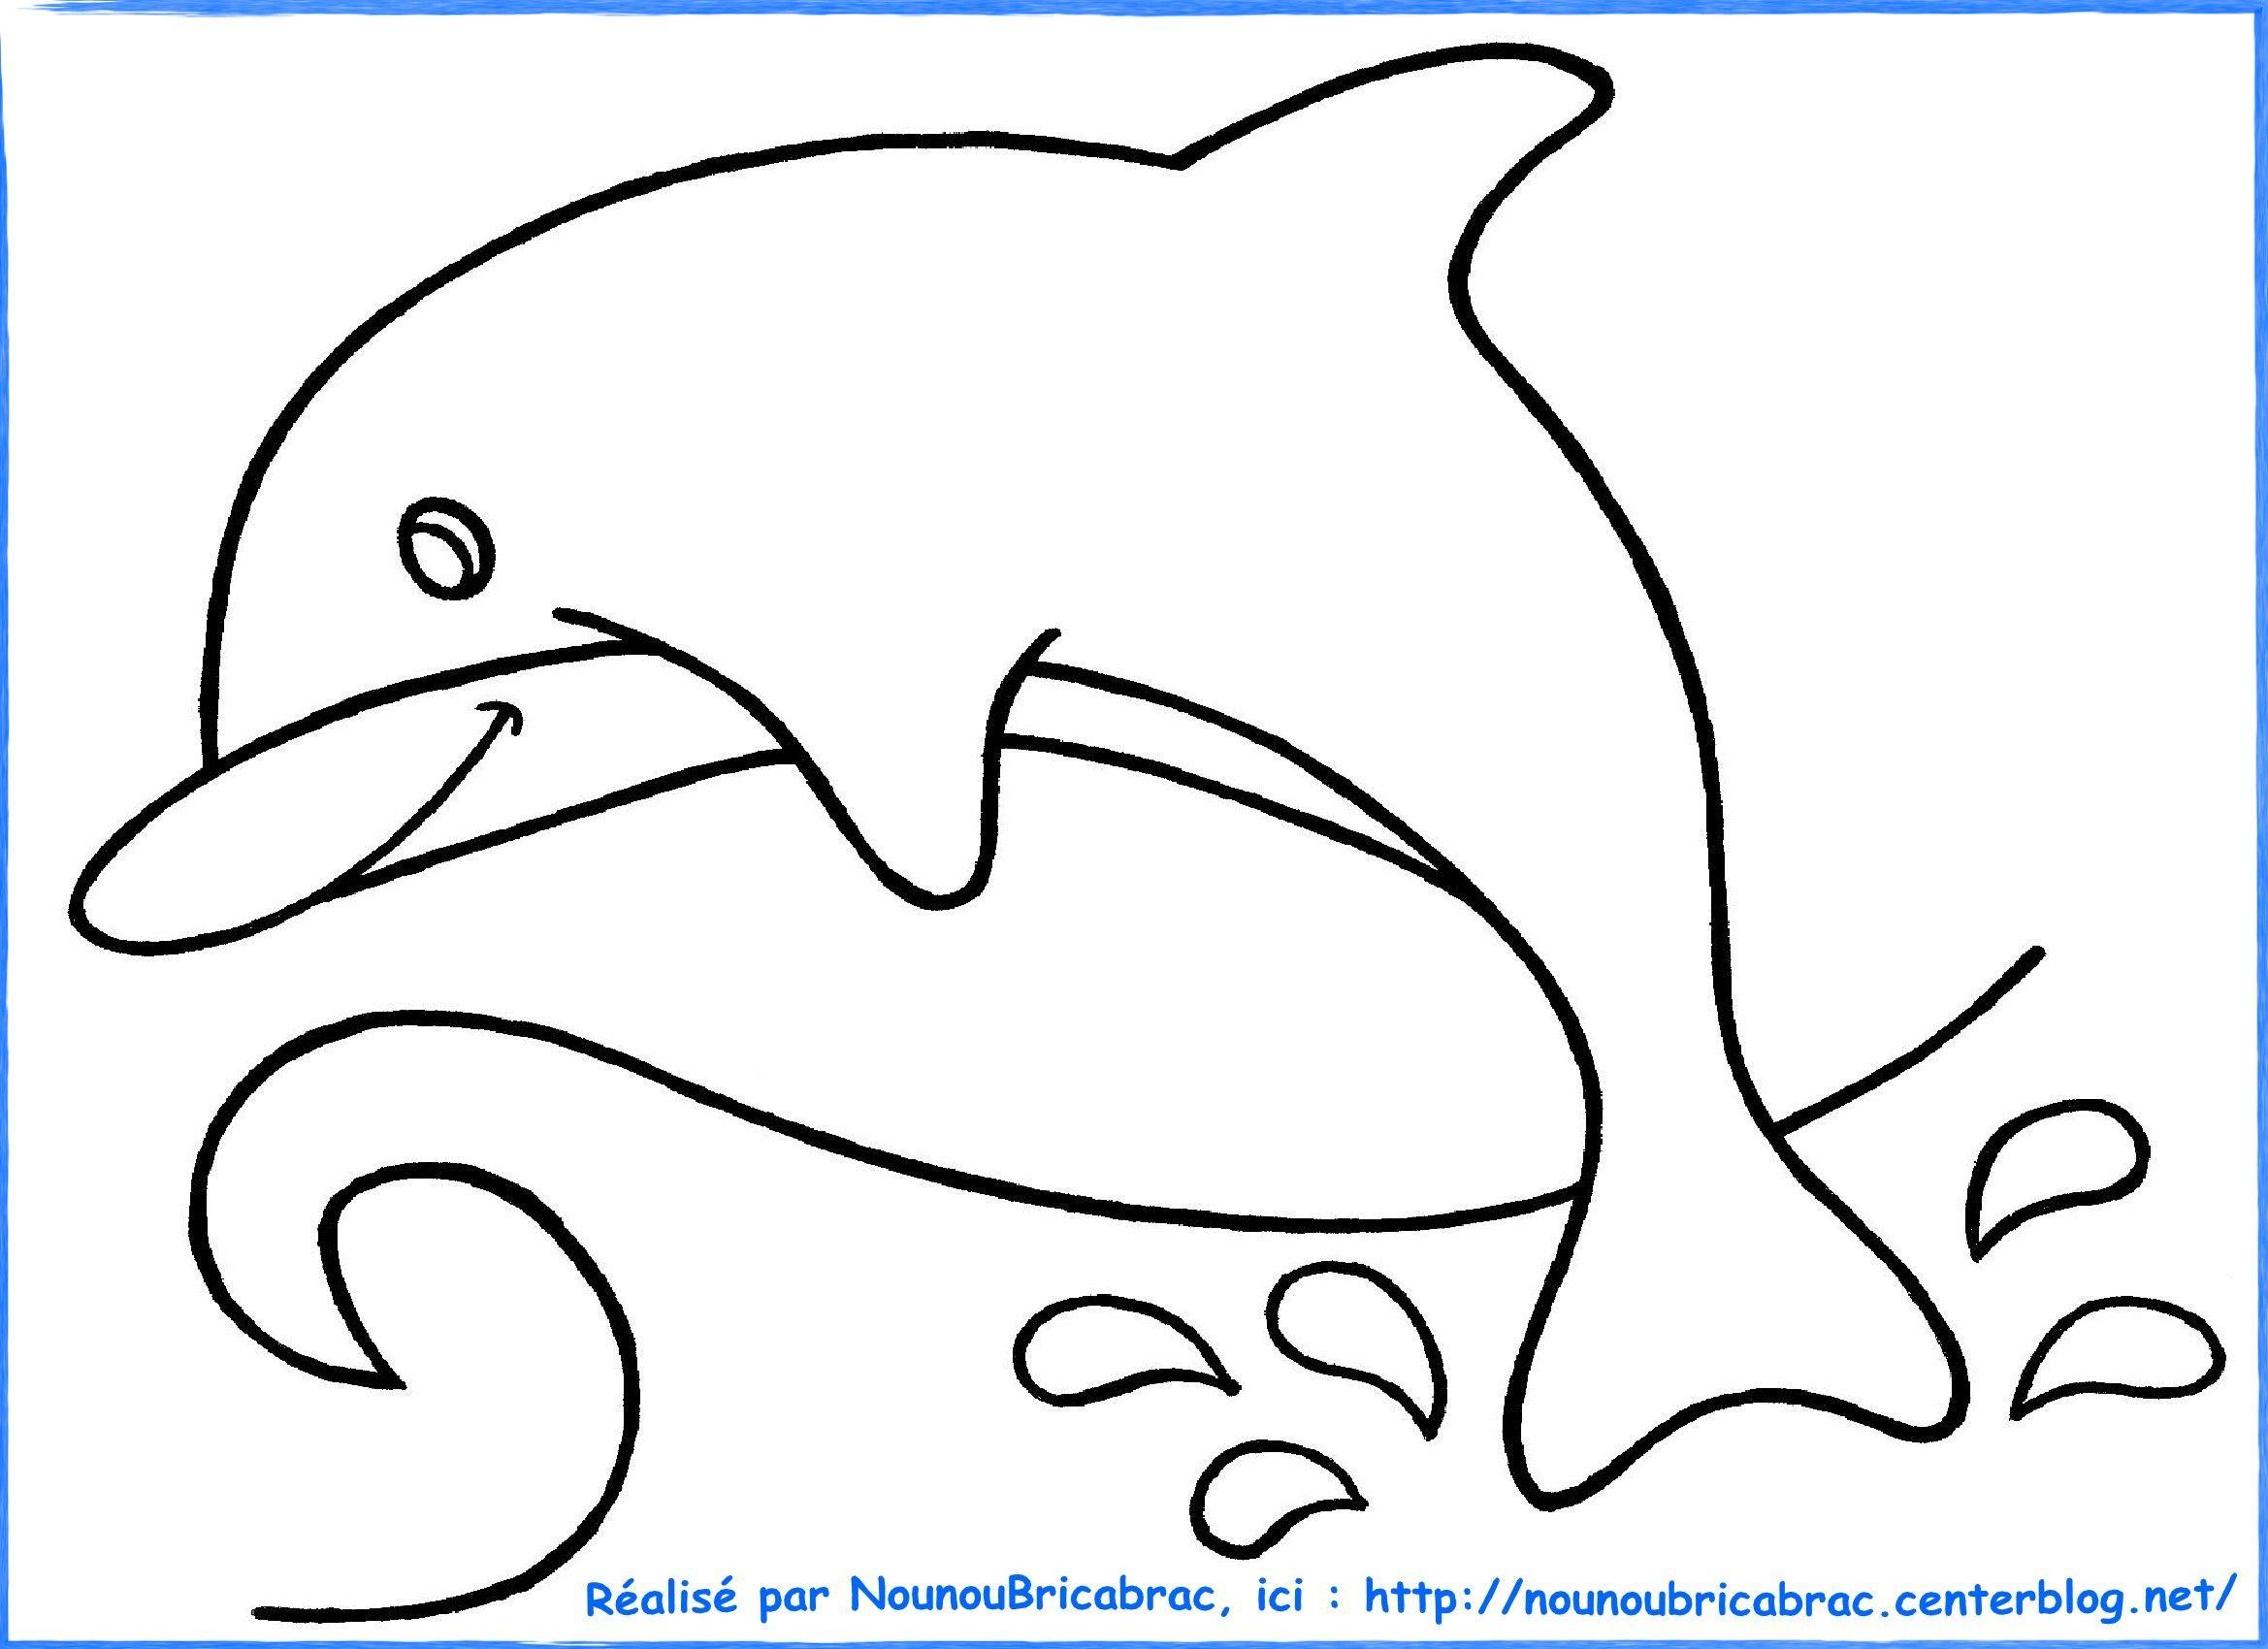 Modele Coloriage Dauphin.Coloriages Animaux Dessins Croquis Sketches Et Design